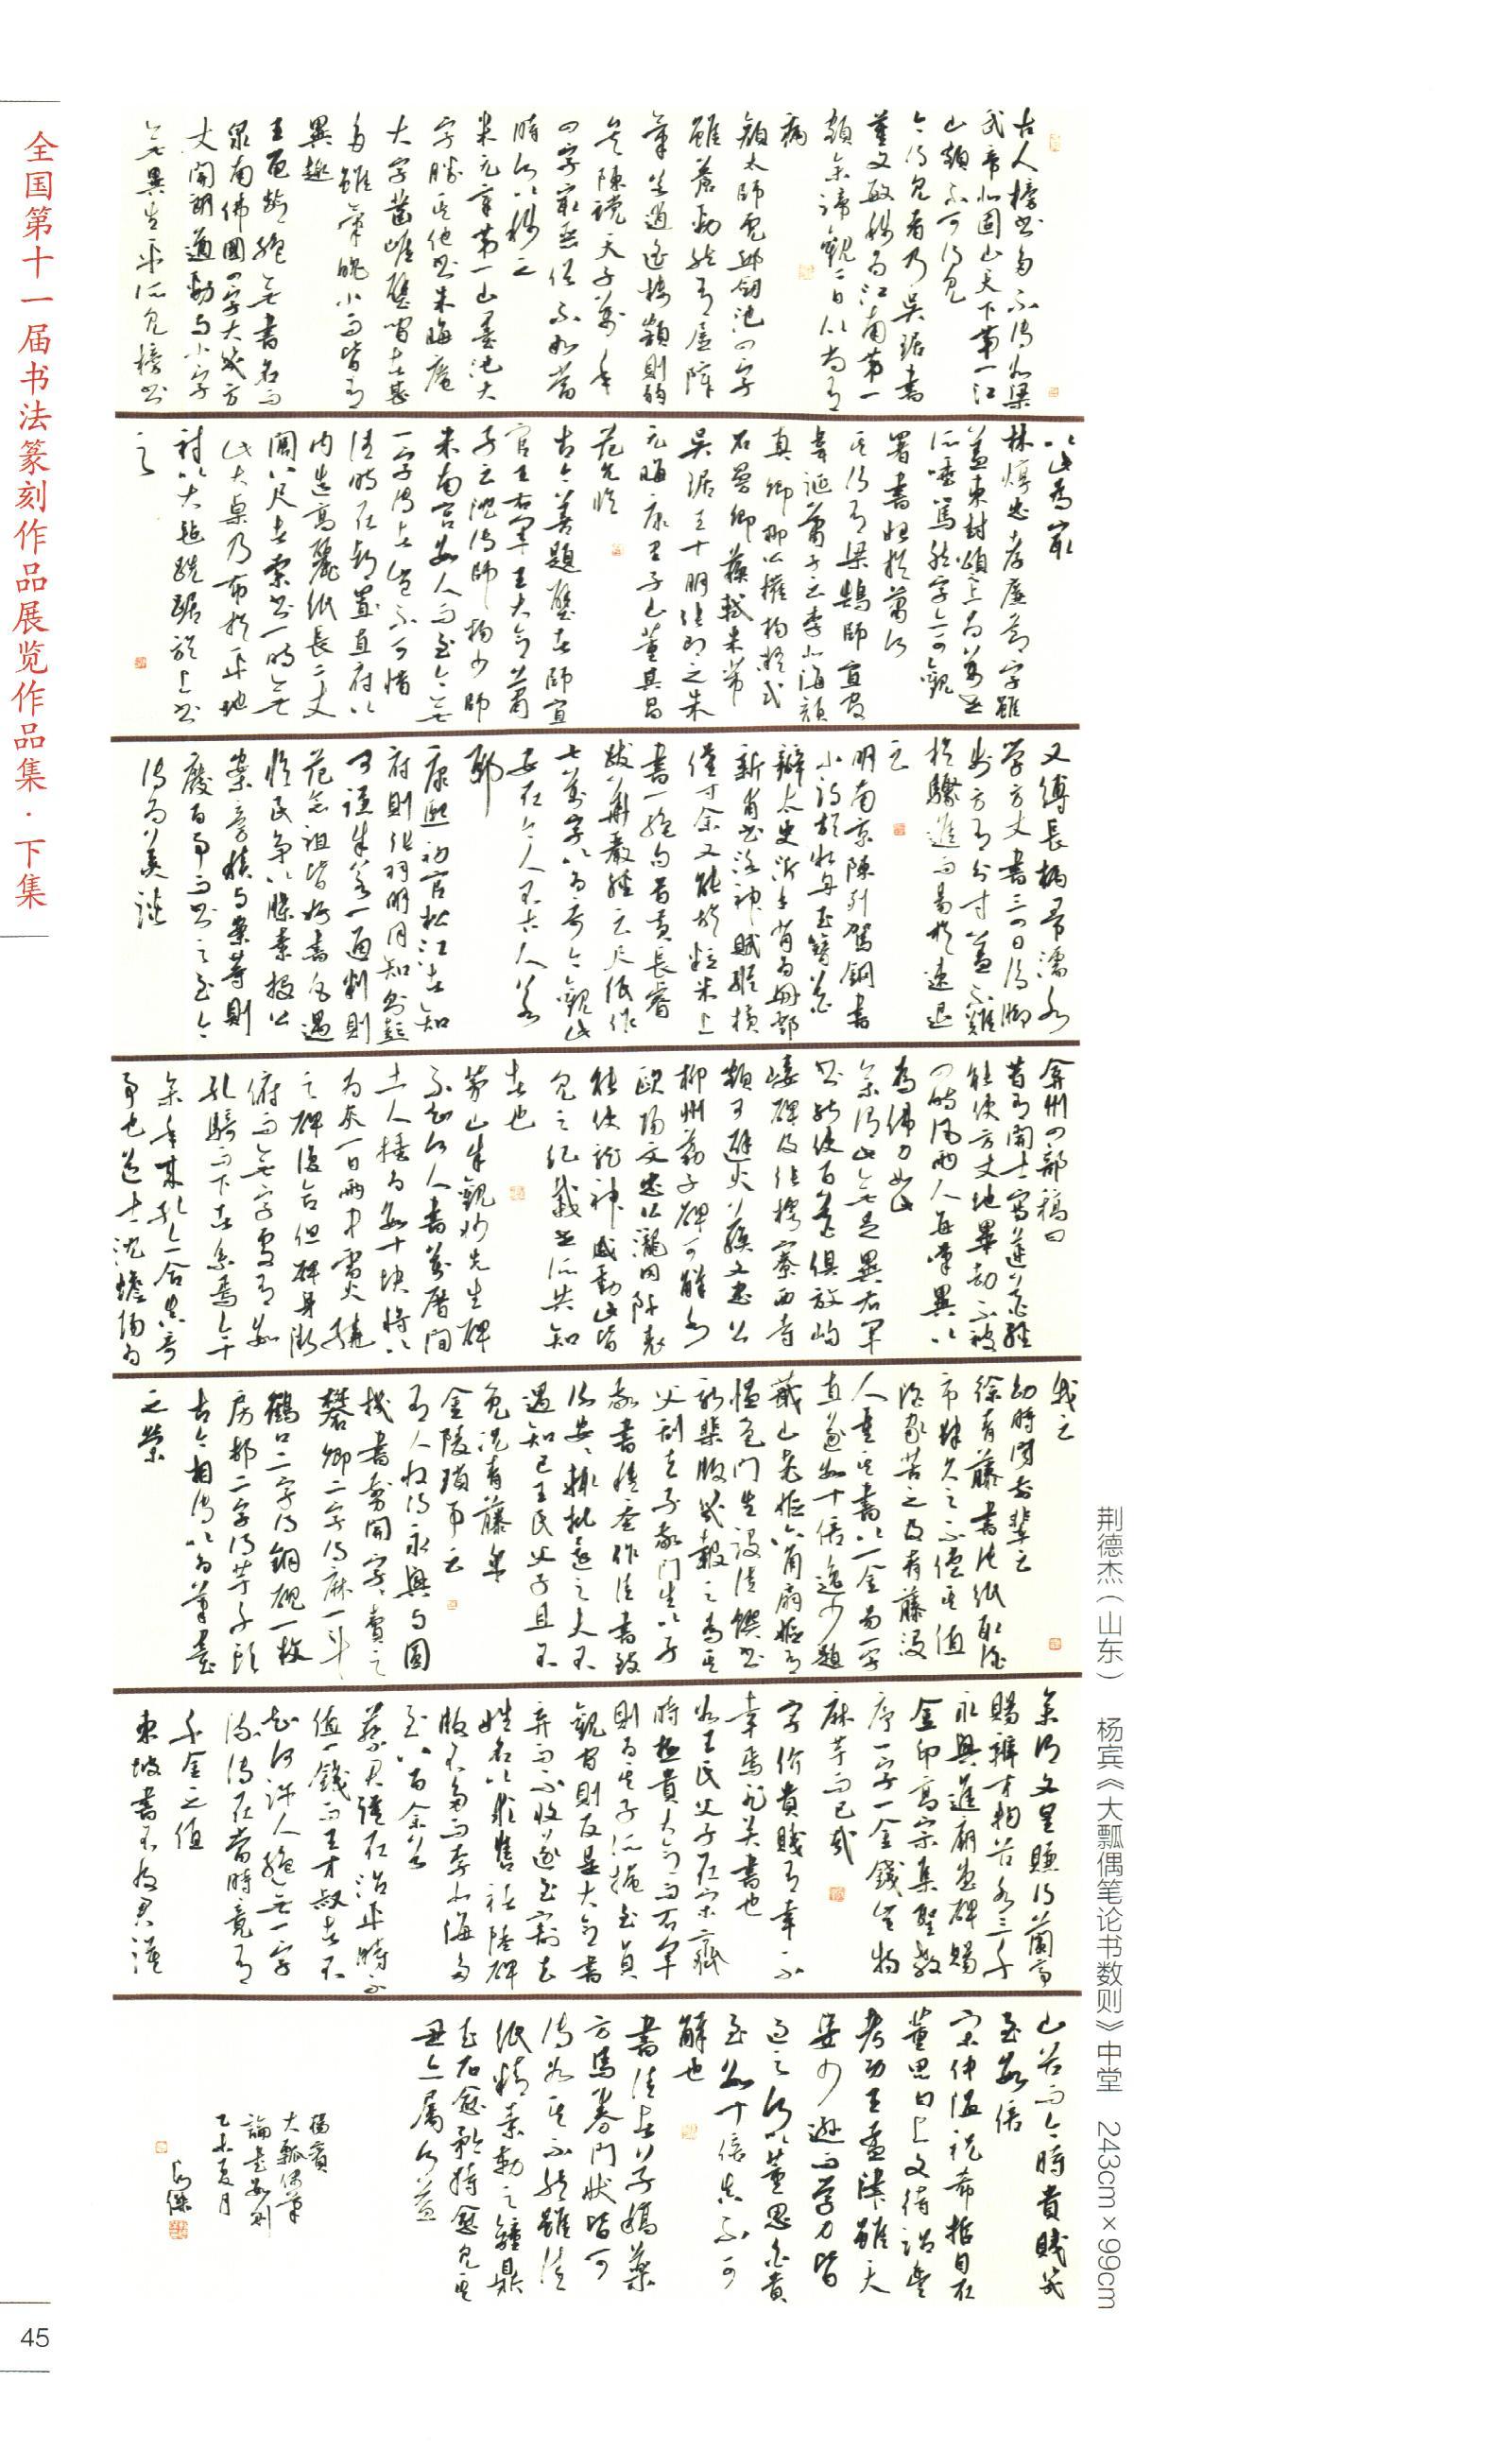 山东荆德杰书法作品欣赏(含十一届国展入展行草书作品)